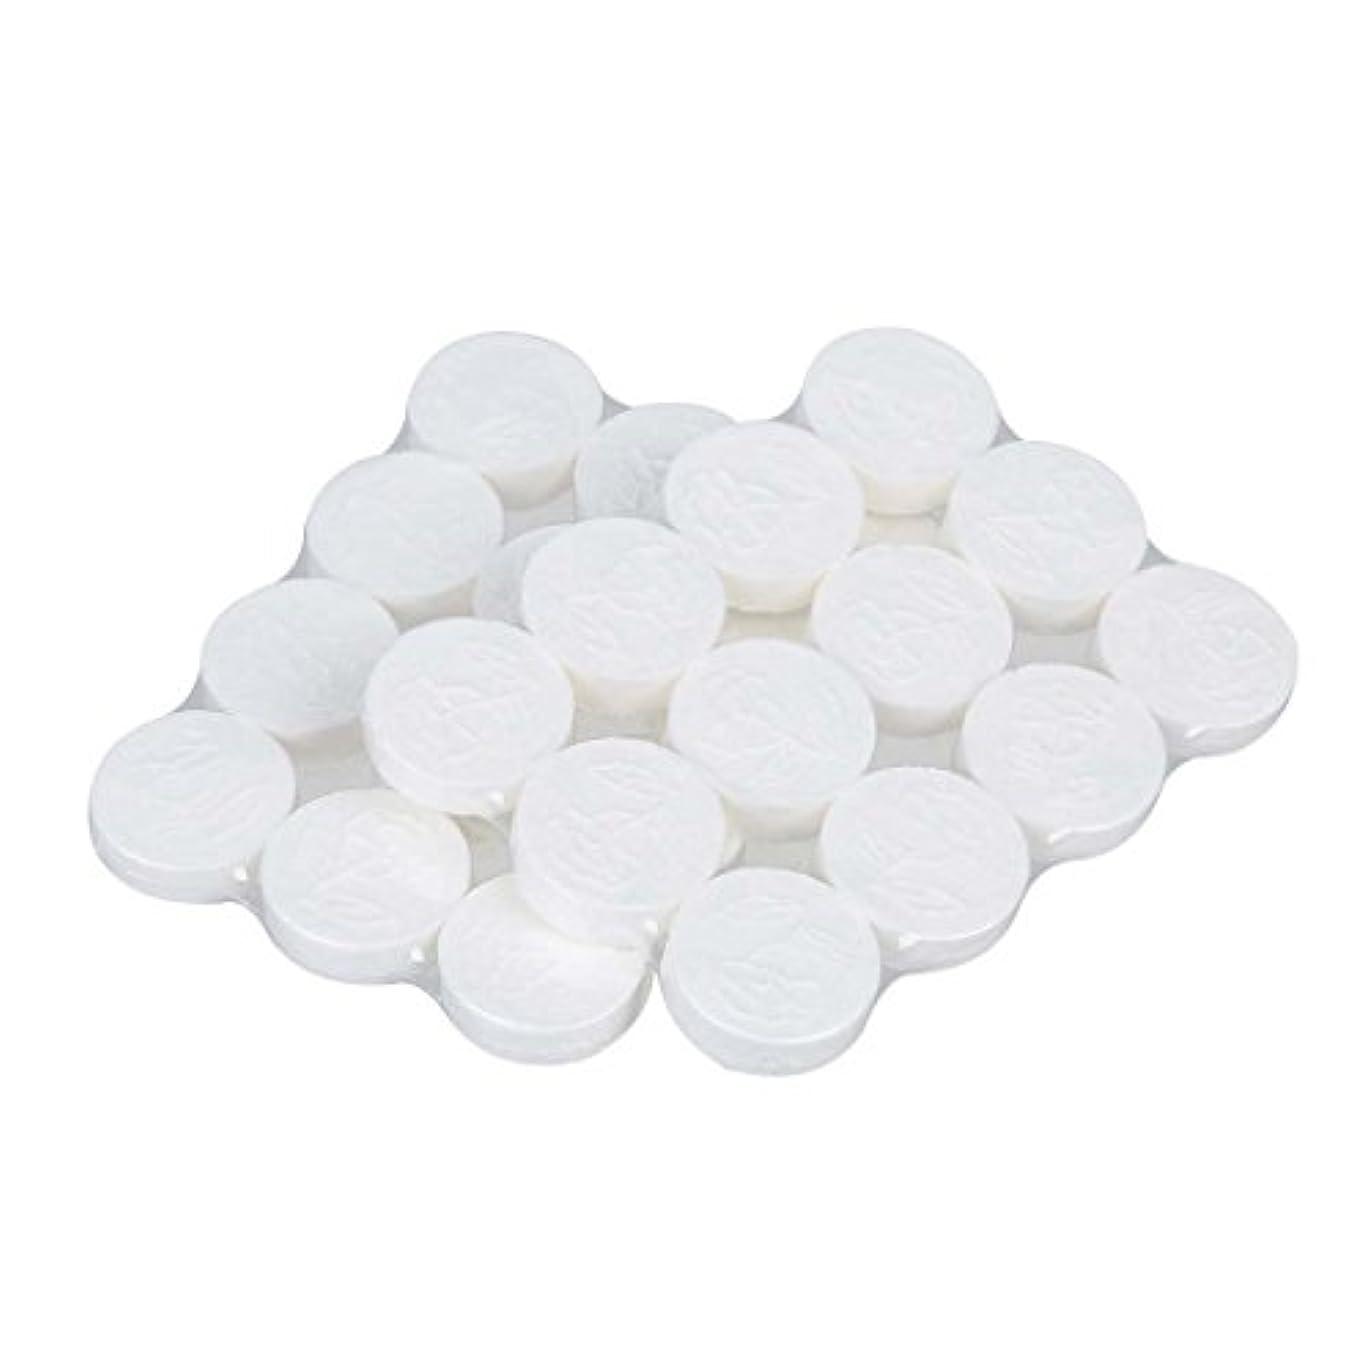 食器棚馬力海藻Gaoominy 24x化粧品の圧縮フェイシャルマスクシート 女性用